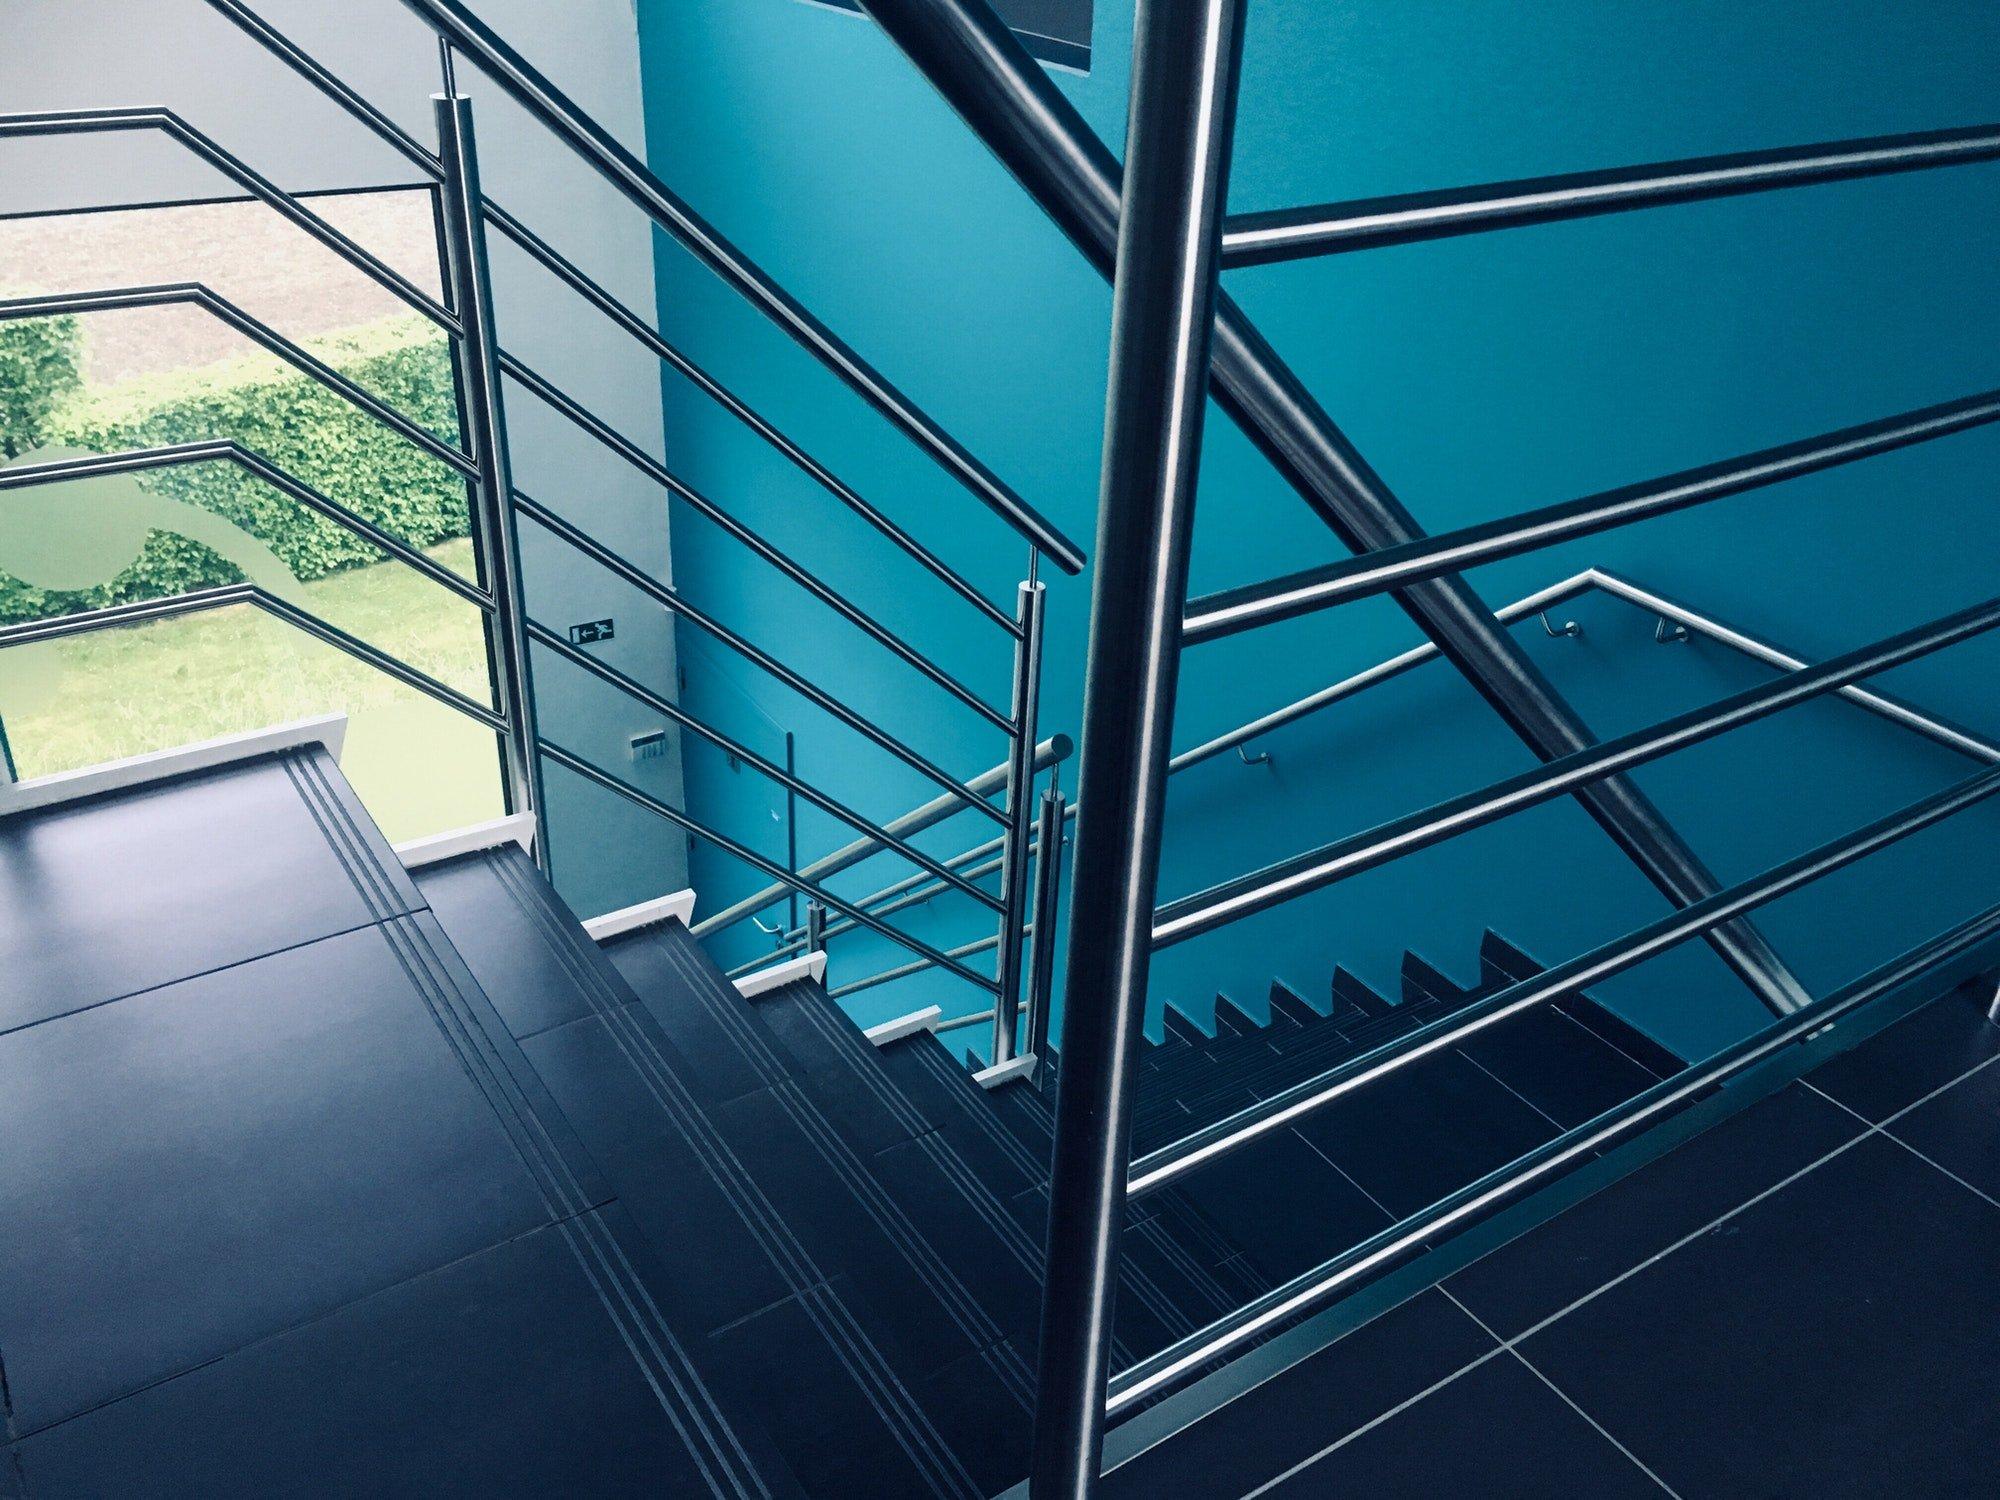 Escalera con barandillas de acero inoxidable